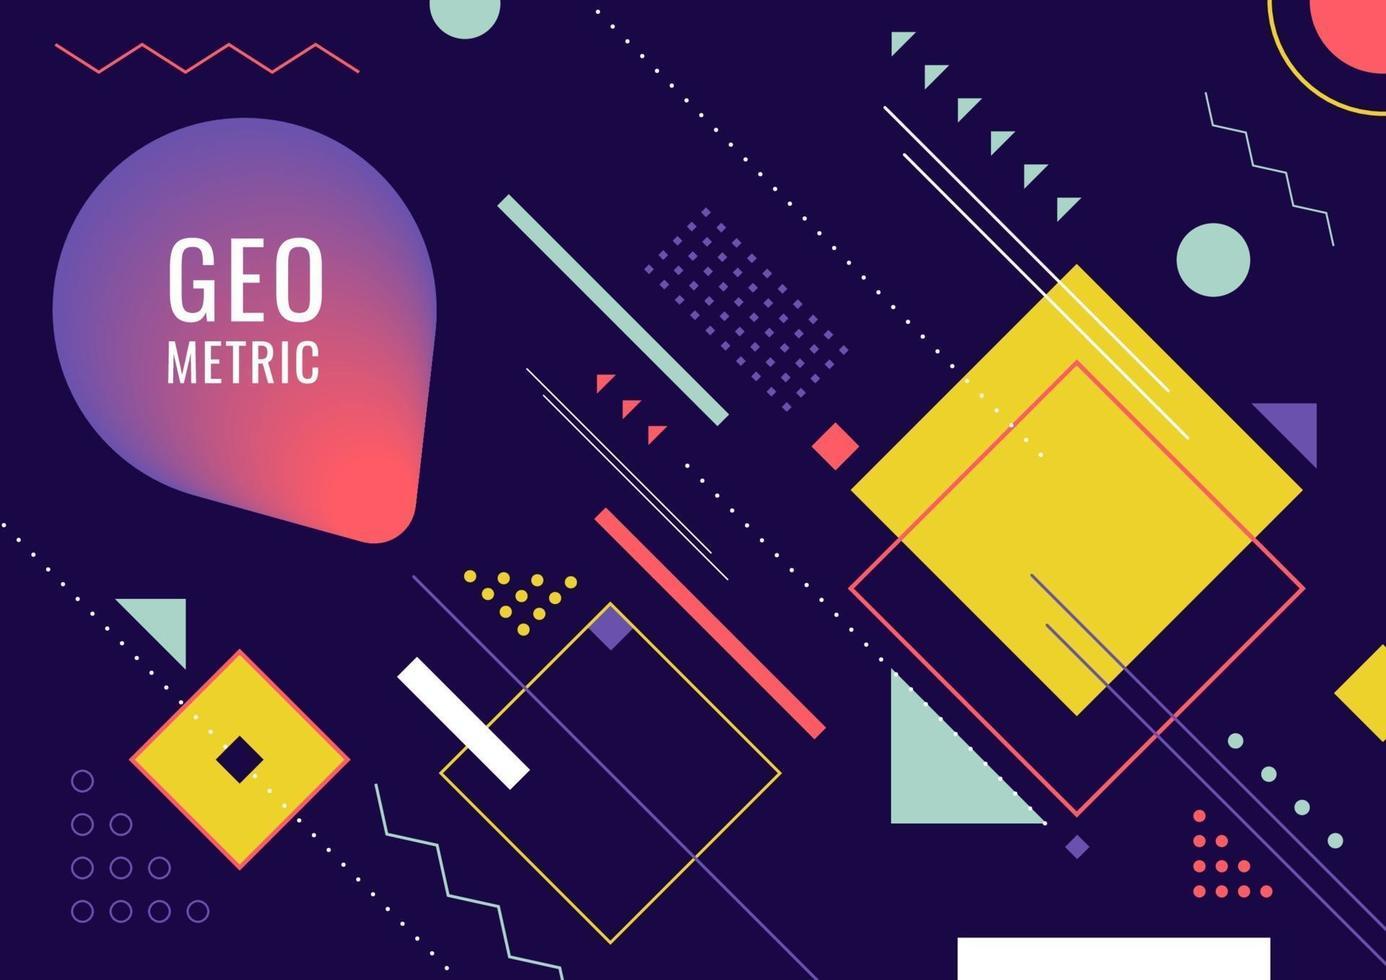 abstracte geometrische vorm lijn vorm hipster mode stijl achtergrond vector